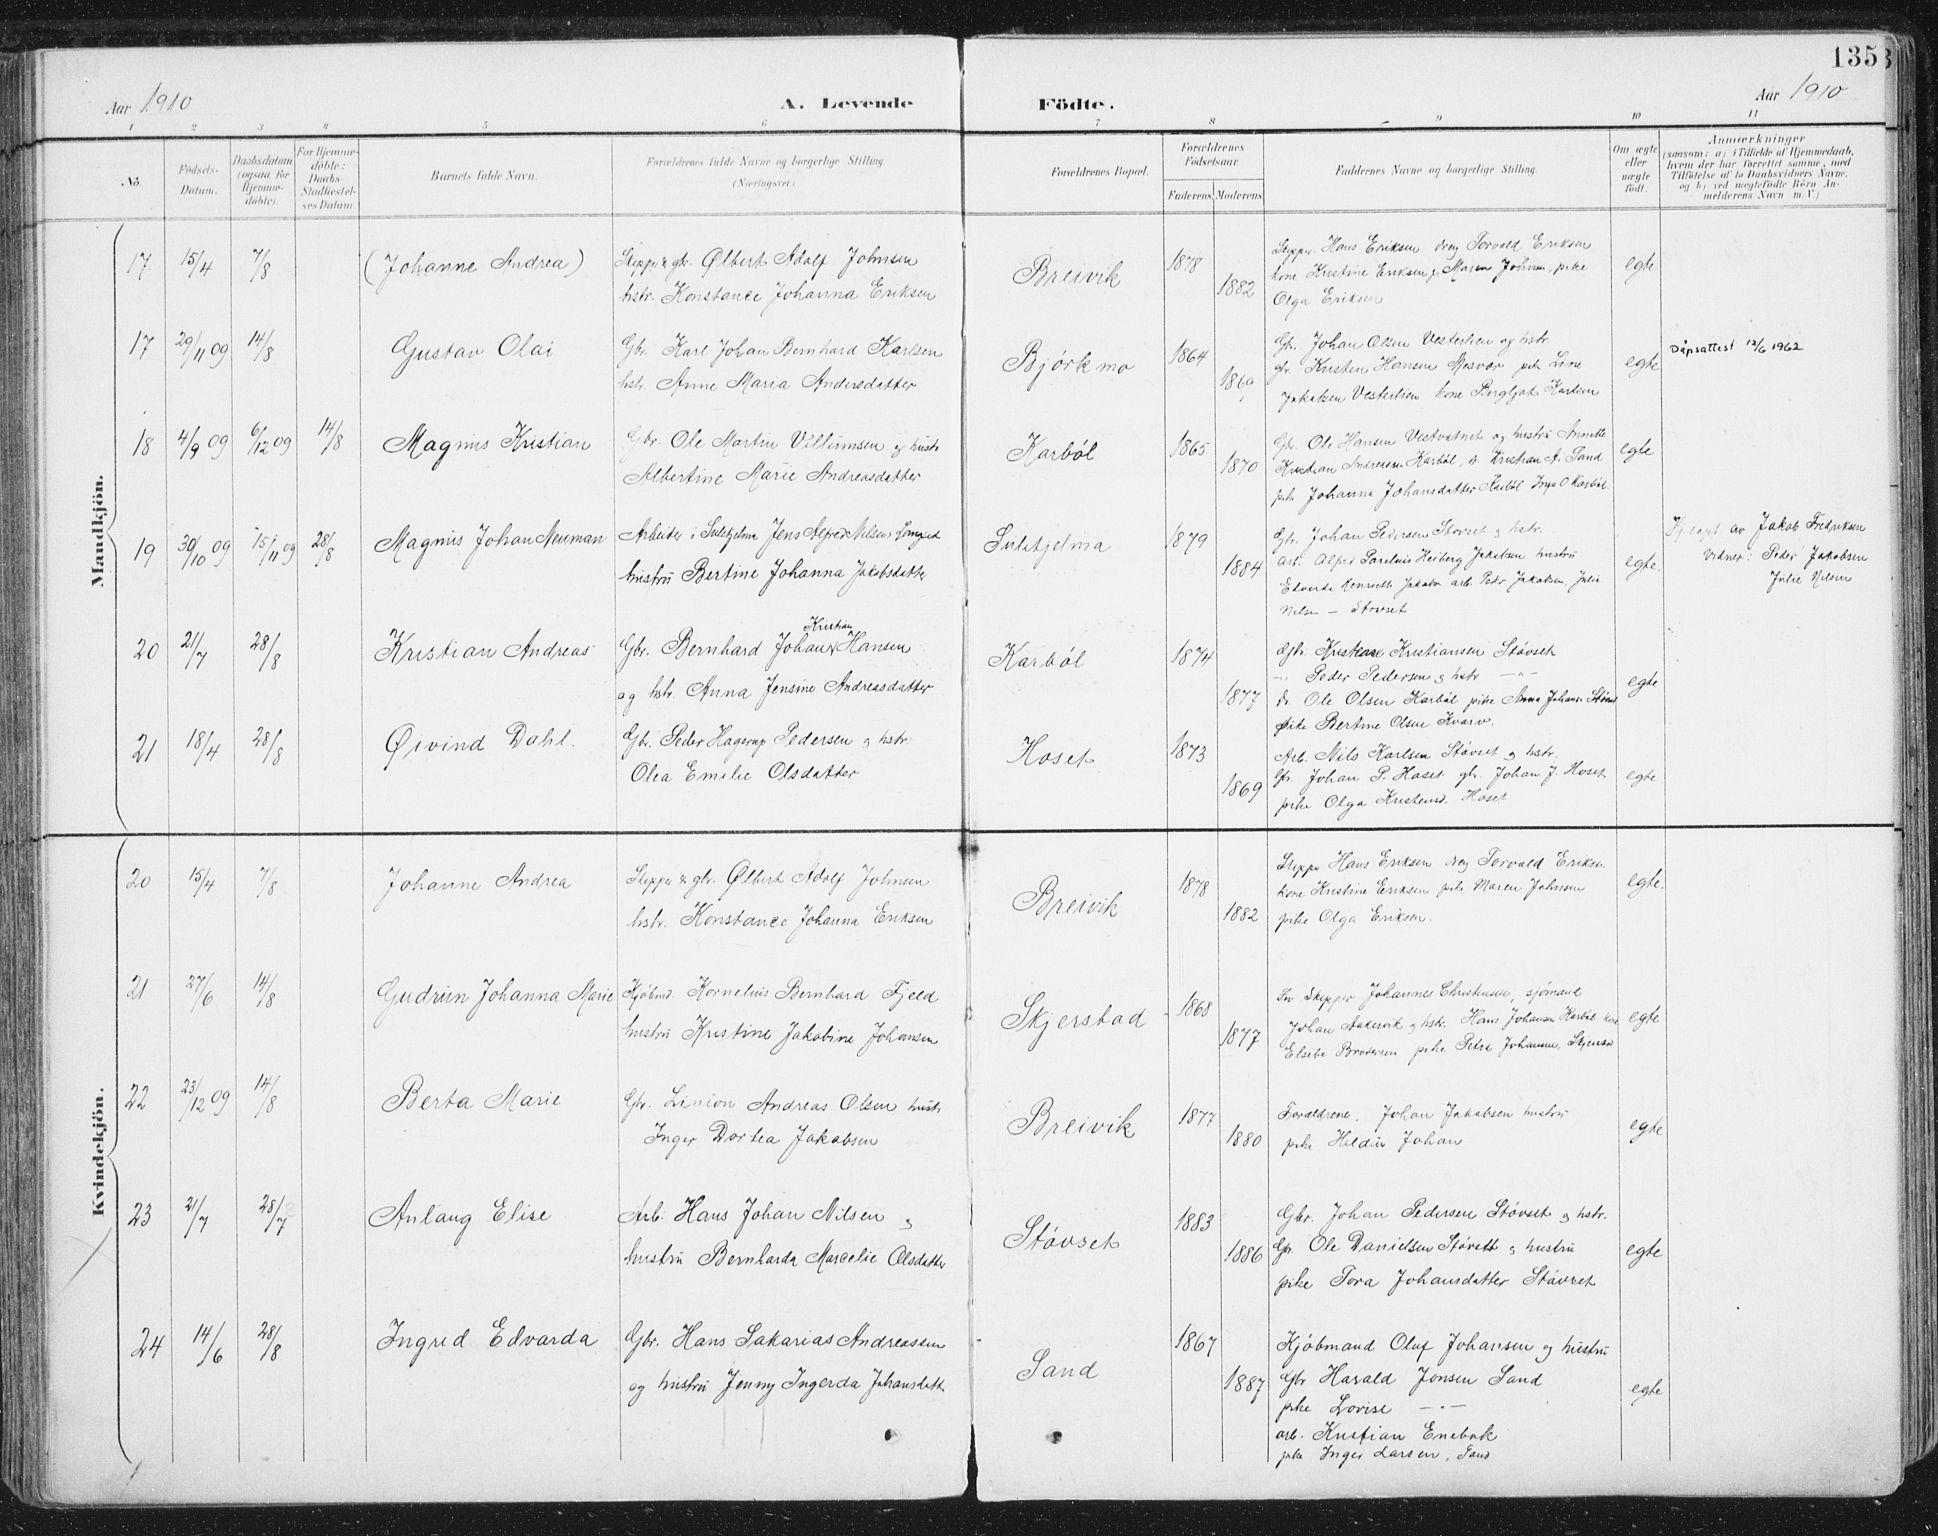 SAT, Ministerialprotokoller, klokkerbøker og fødselsregistre - Nordland, 852/L0741: Parish register (official) no. 852A11, 1894-1917, p. 135